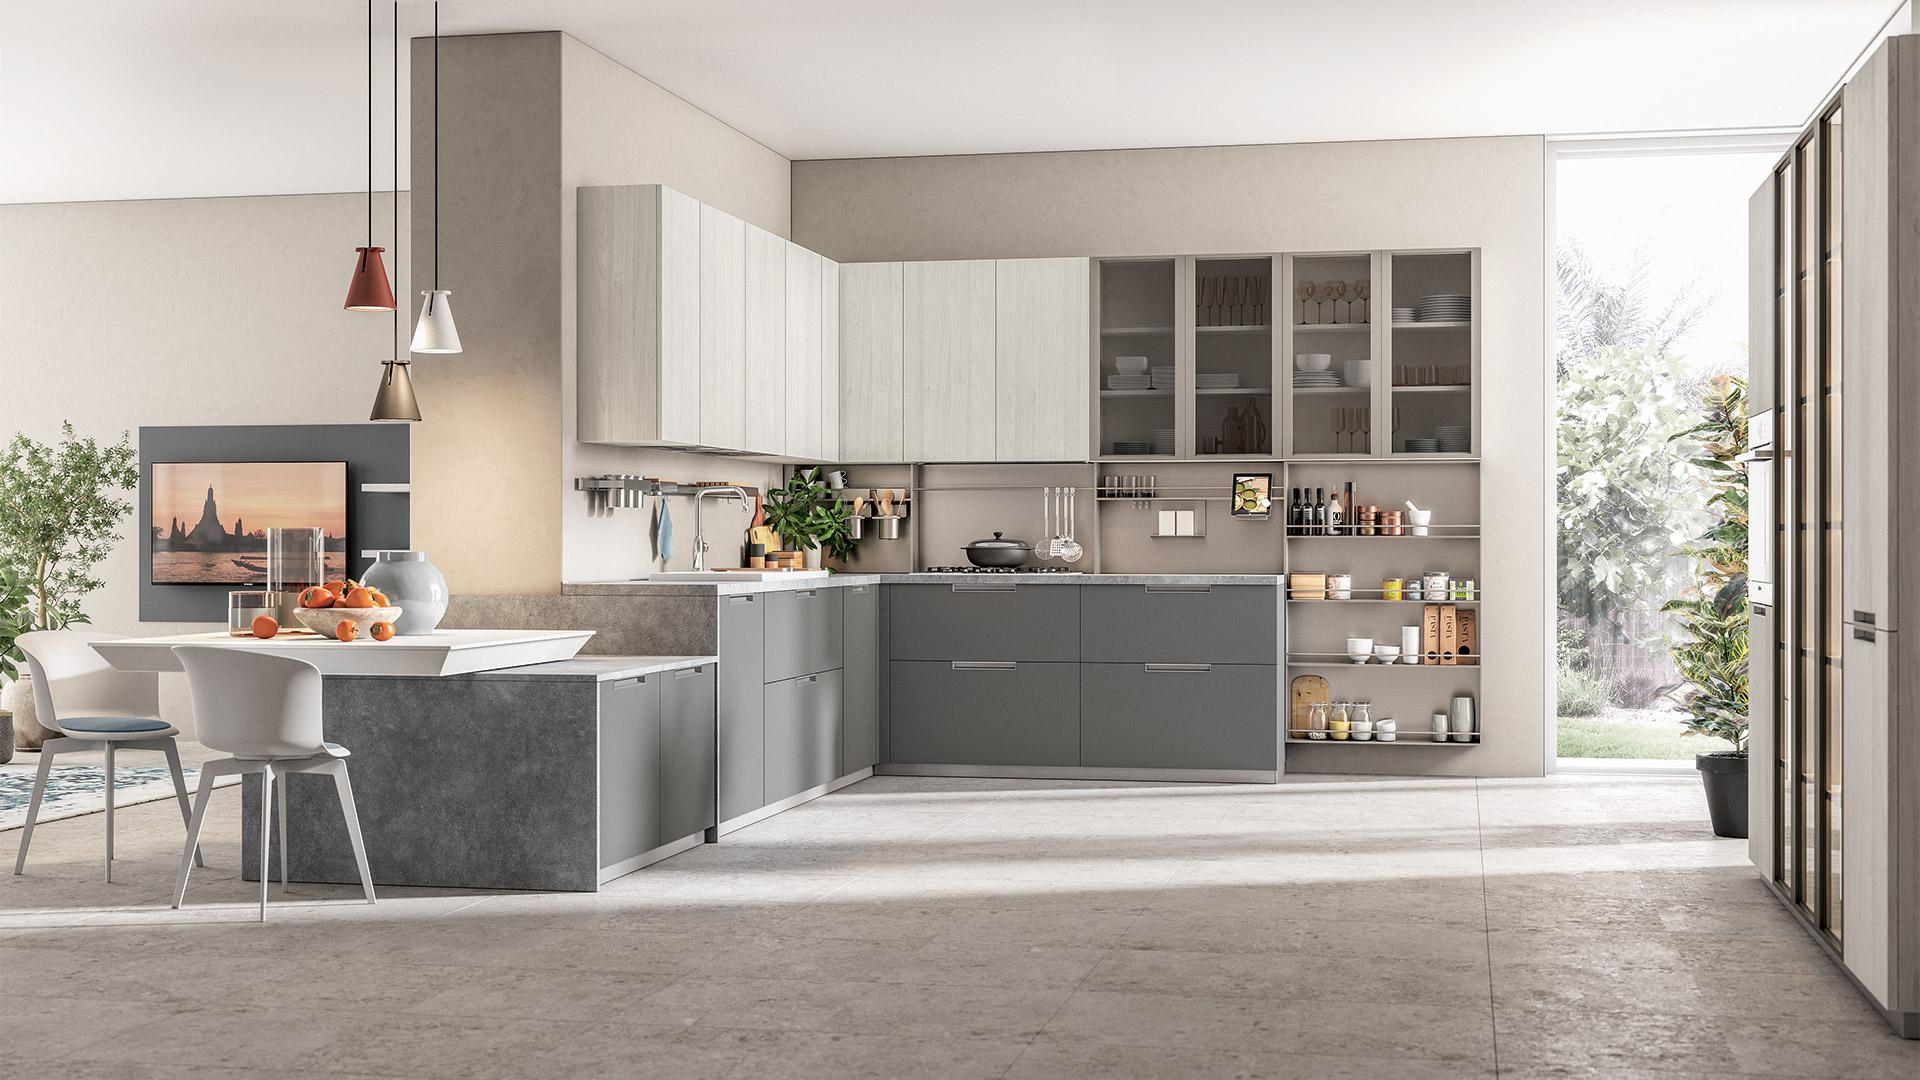 Cucine Lube Creativa : Immagina plus cucine lube roma e nuova linea creo kitchens